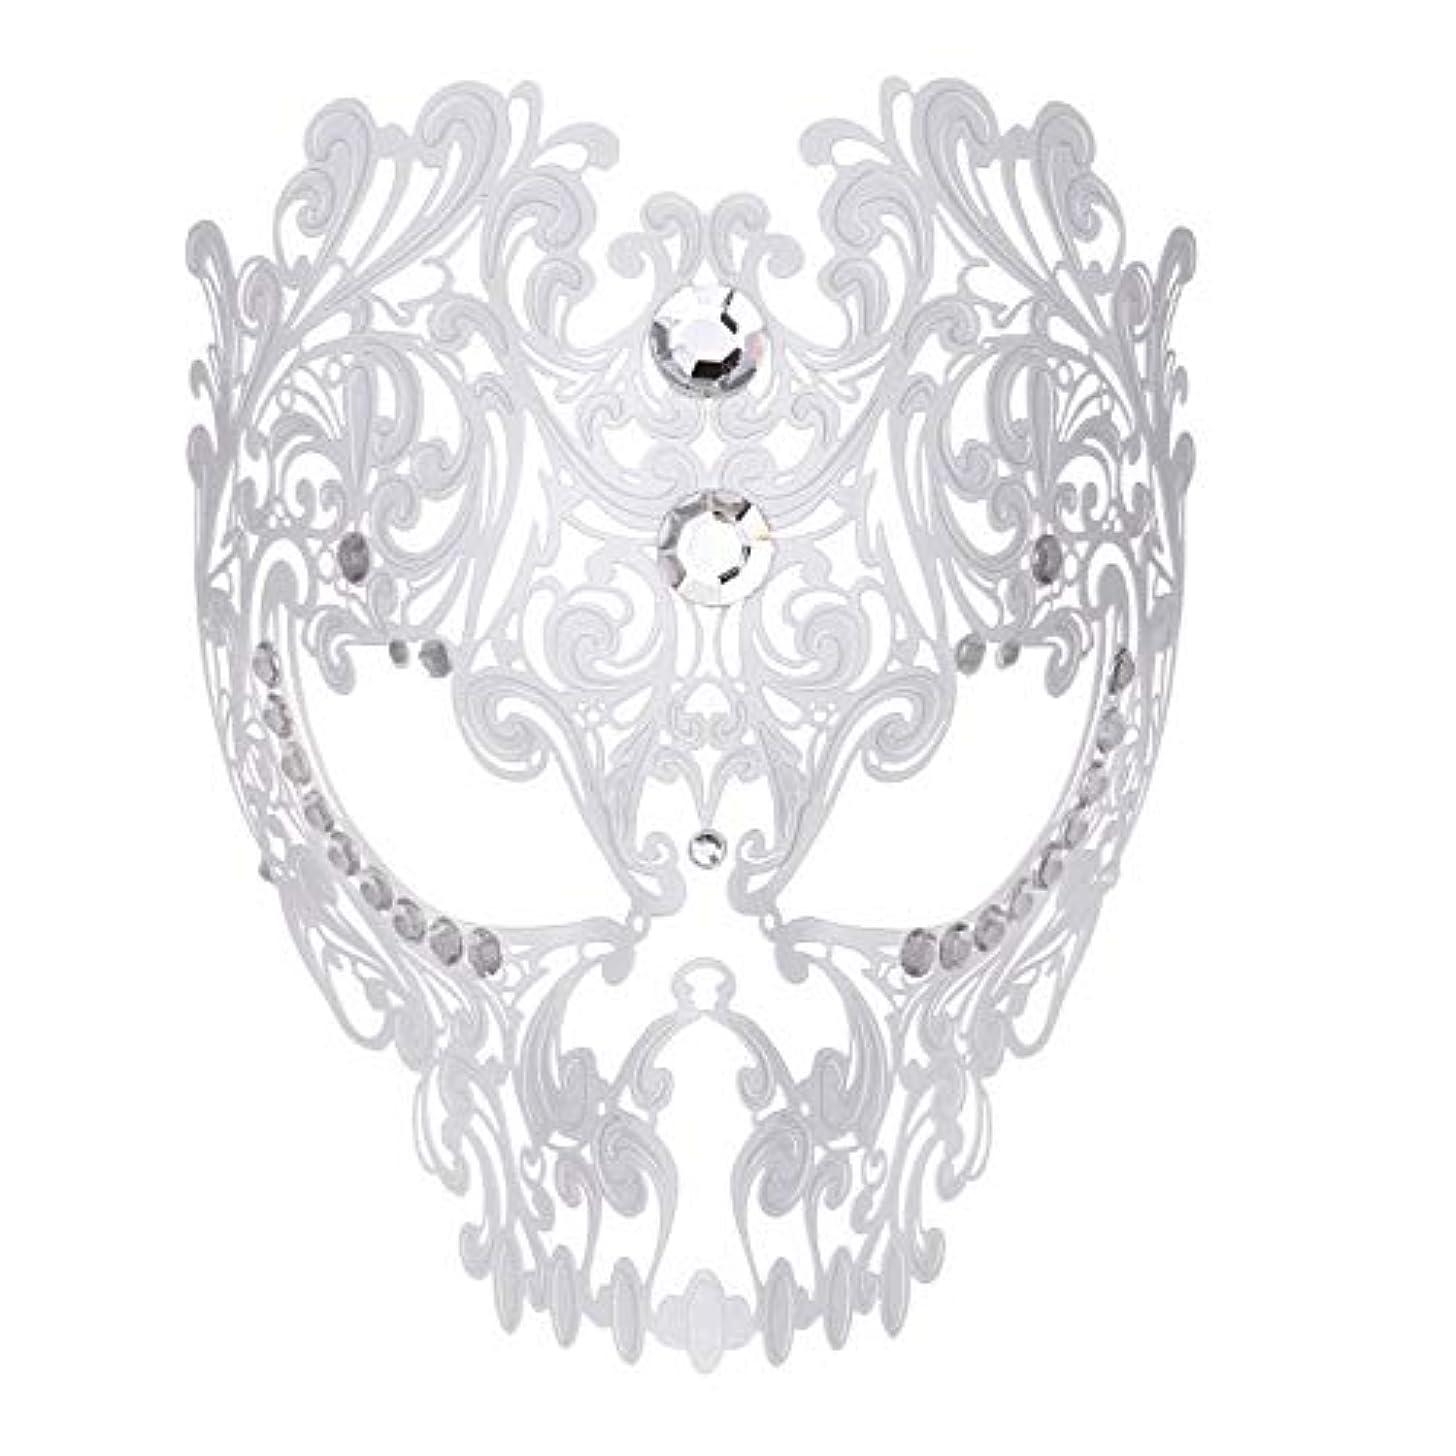 私の速度環境ダンスマスク フルフェイスエナメル金属象眼細工中空マスクナイトクラブパーティーロールプレイングマスカレードマスク ホリデーパーティー用品 (色 : 白, サイズ : Universal)